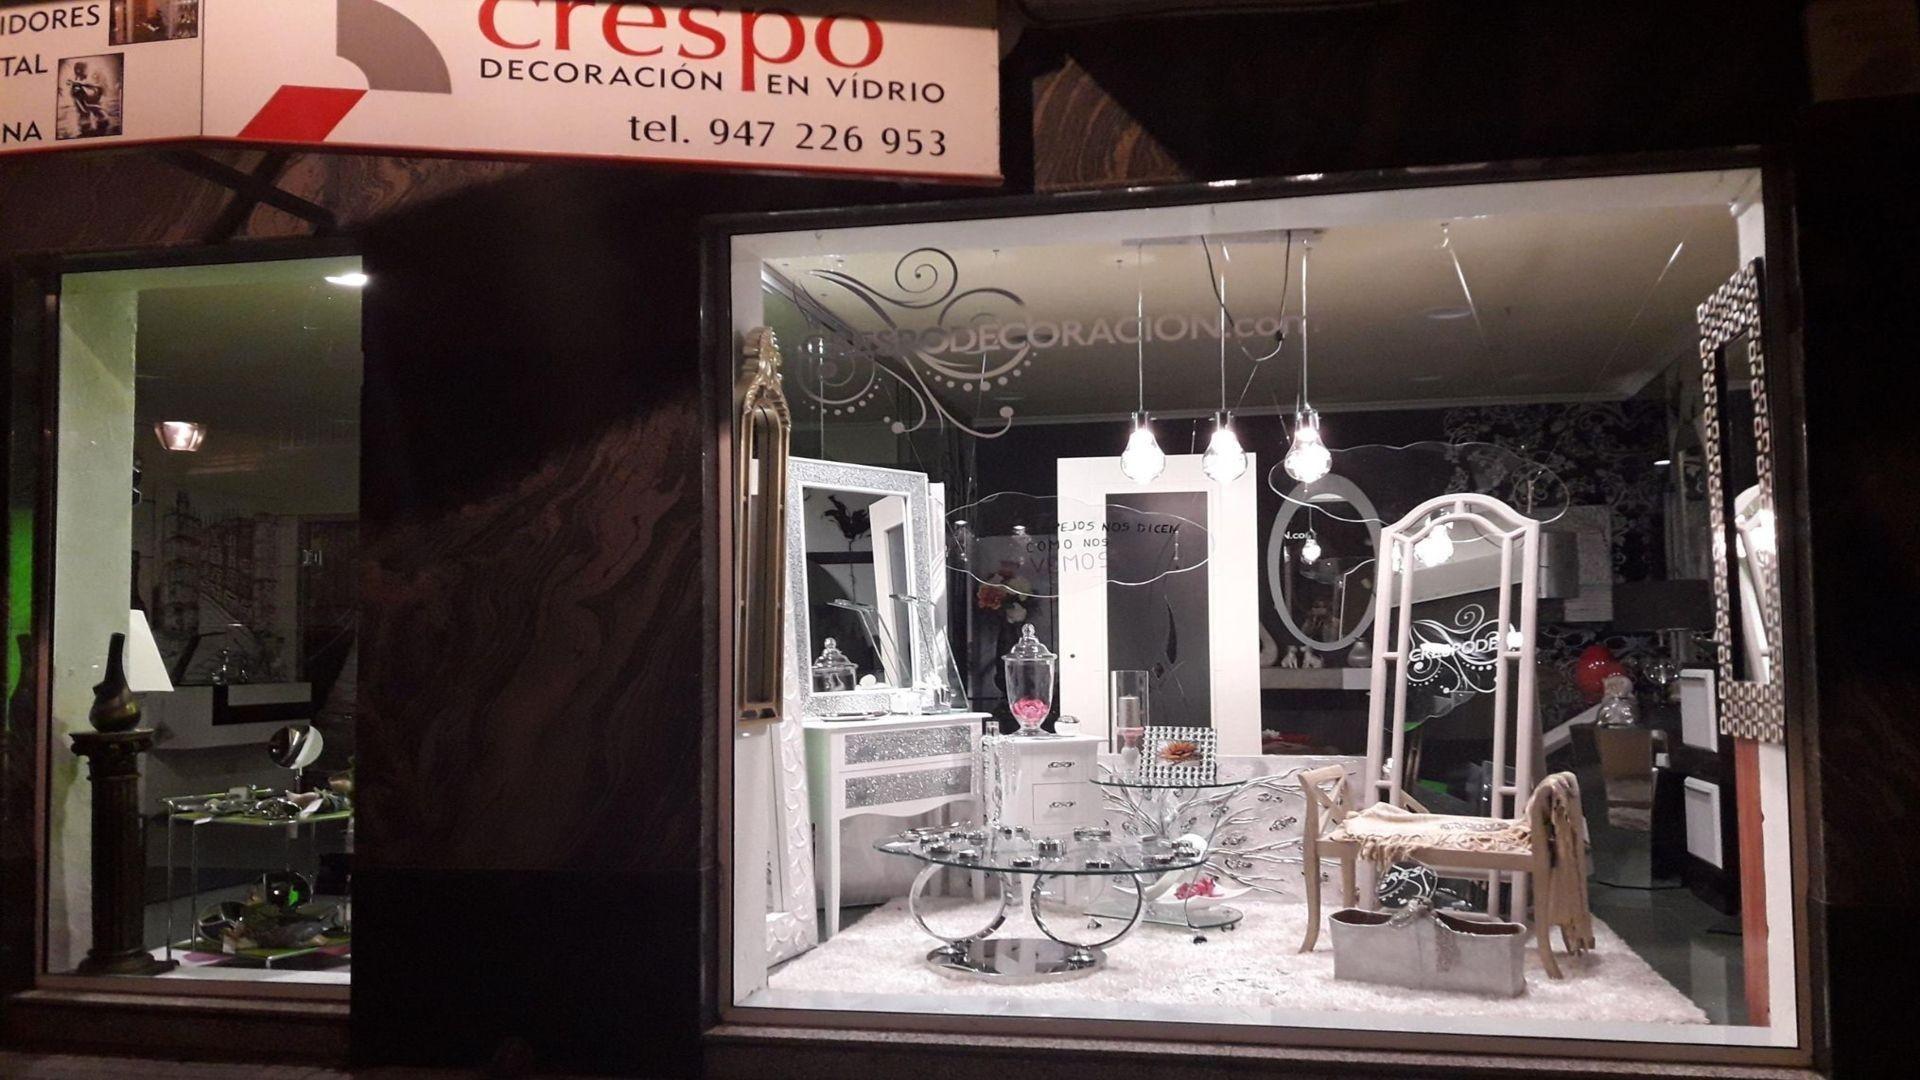 Cristalería decorativa Burgos